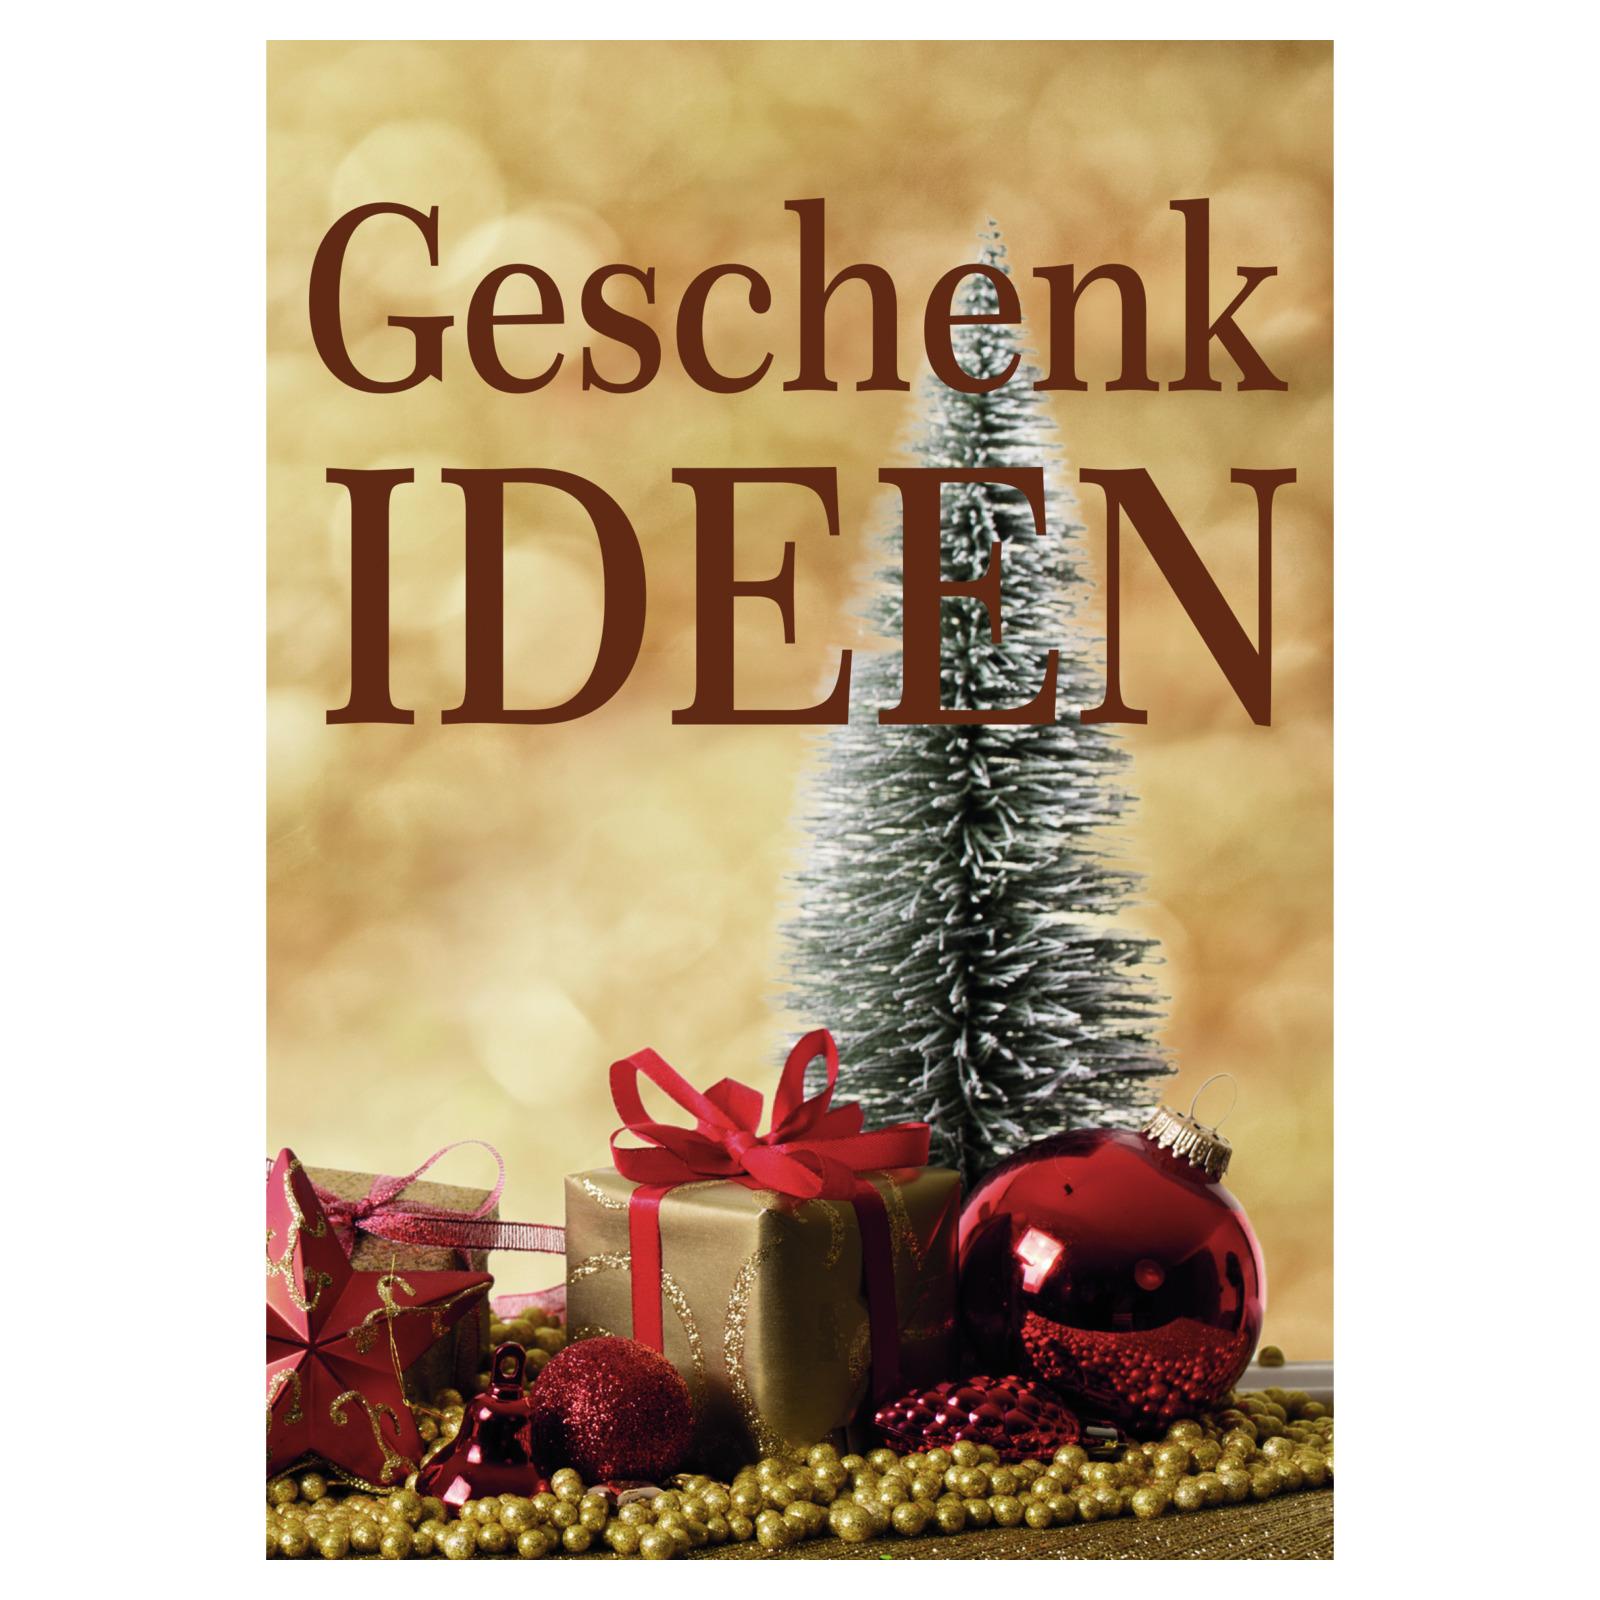 Plakat Geschenk Ideen DIN A1 - Plakate Weihnachten Winter ...